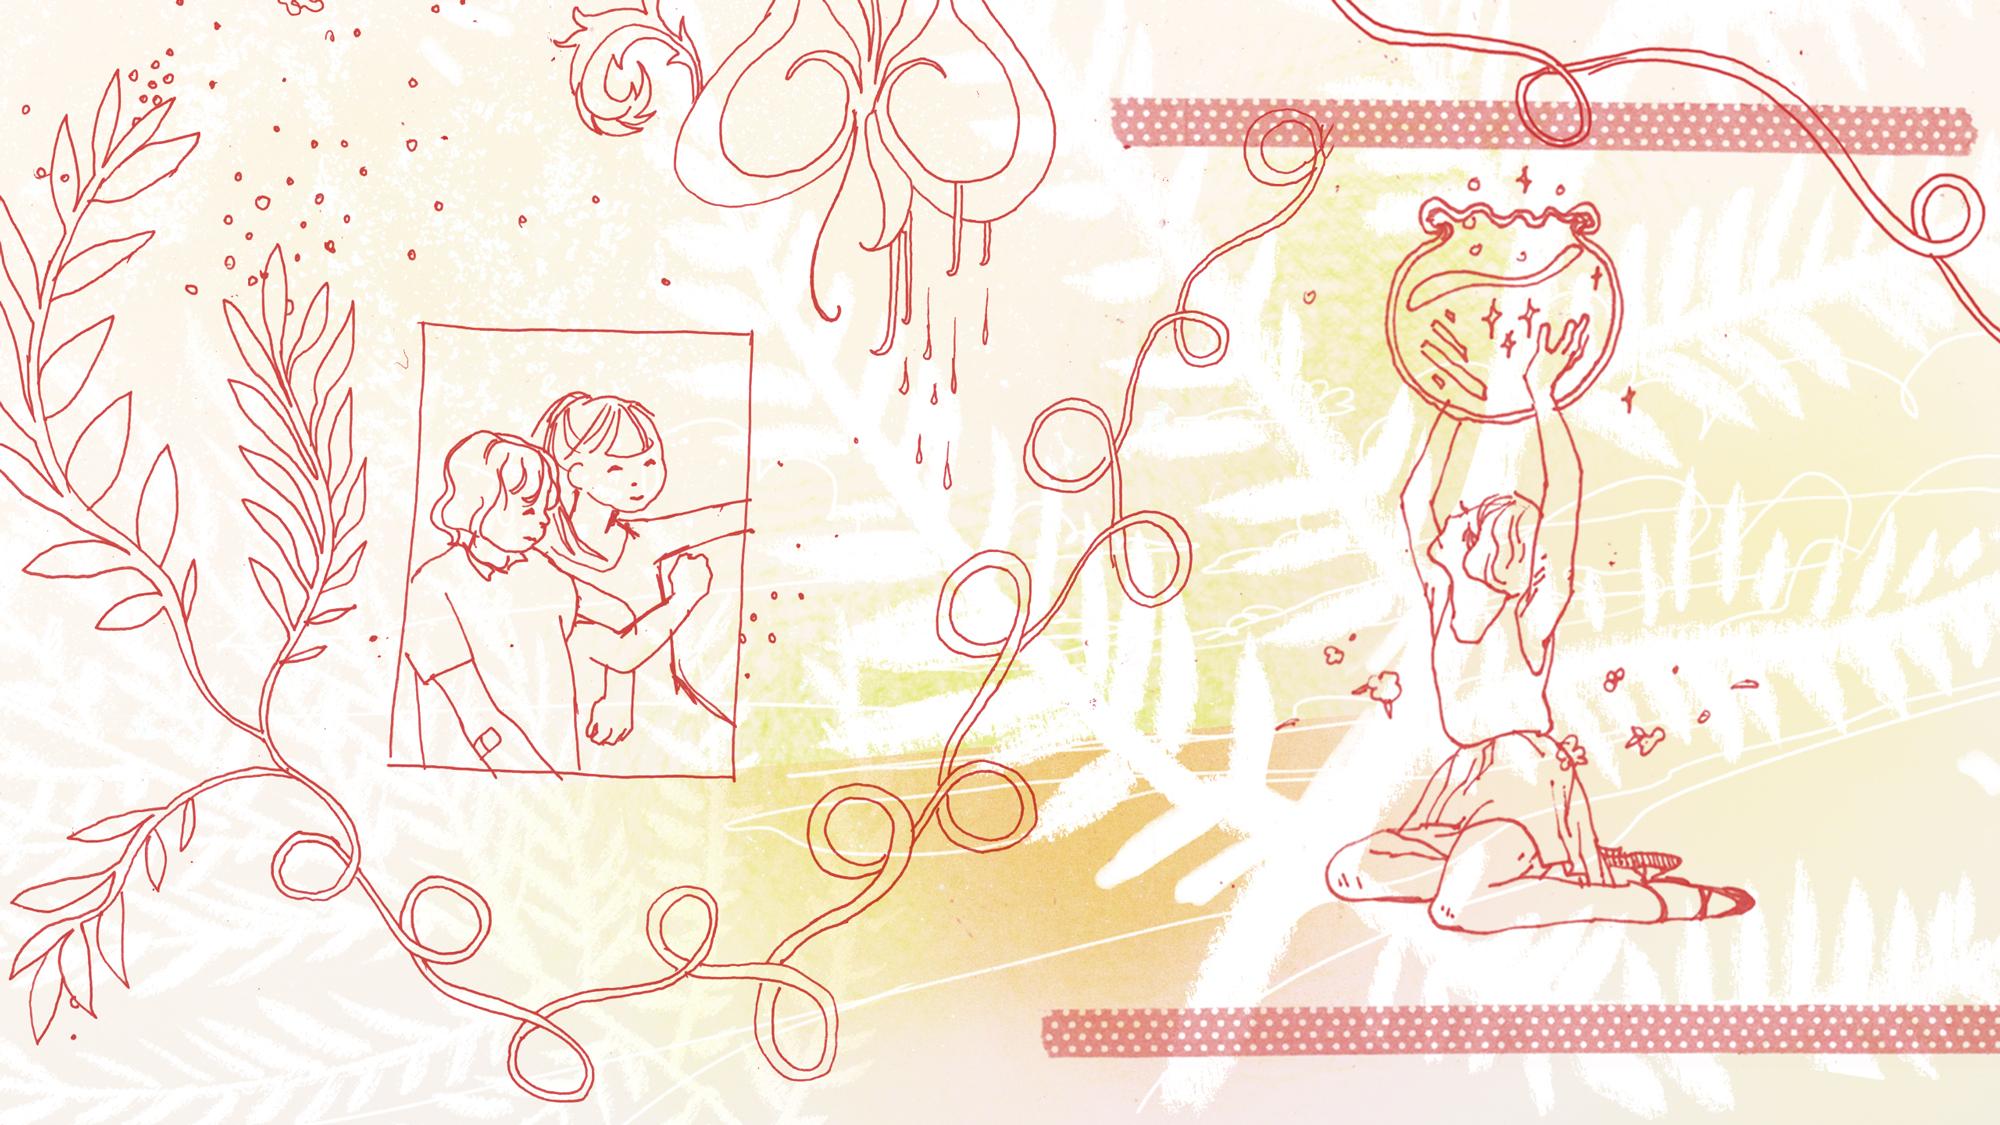 megan wood illustration - Red gel pen